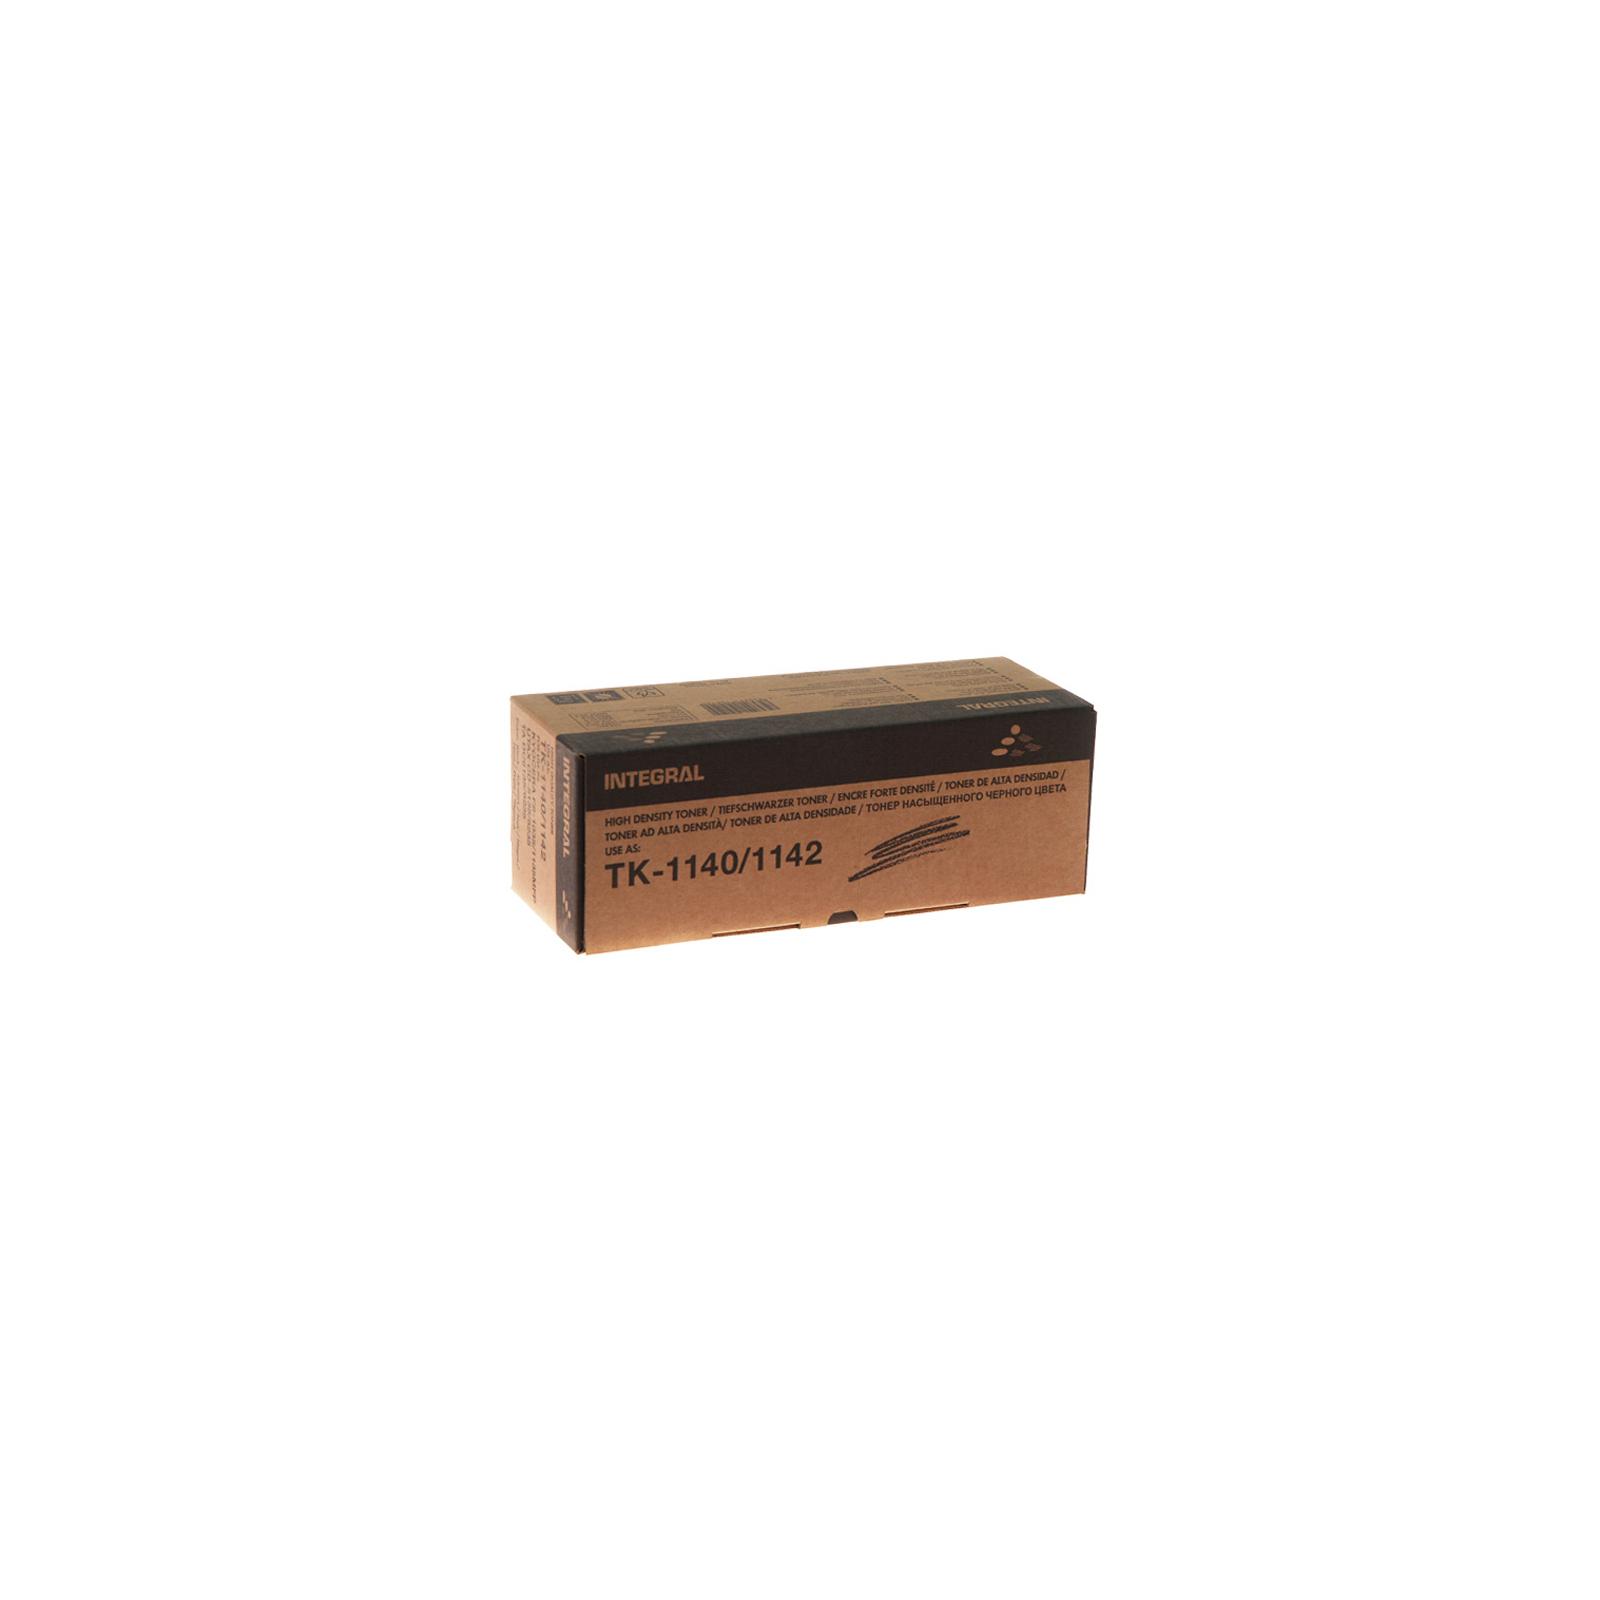 Тонер-картридж Kyocera TK-1140 (для FS-1035/1135) Integral (12100089)